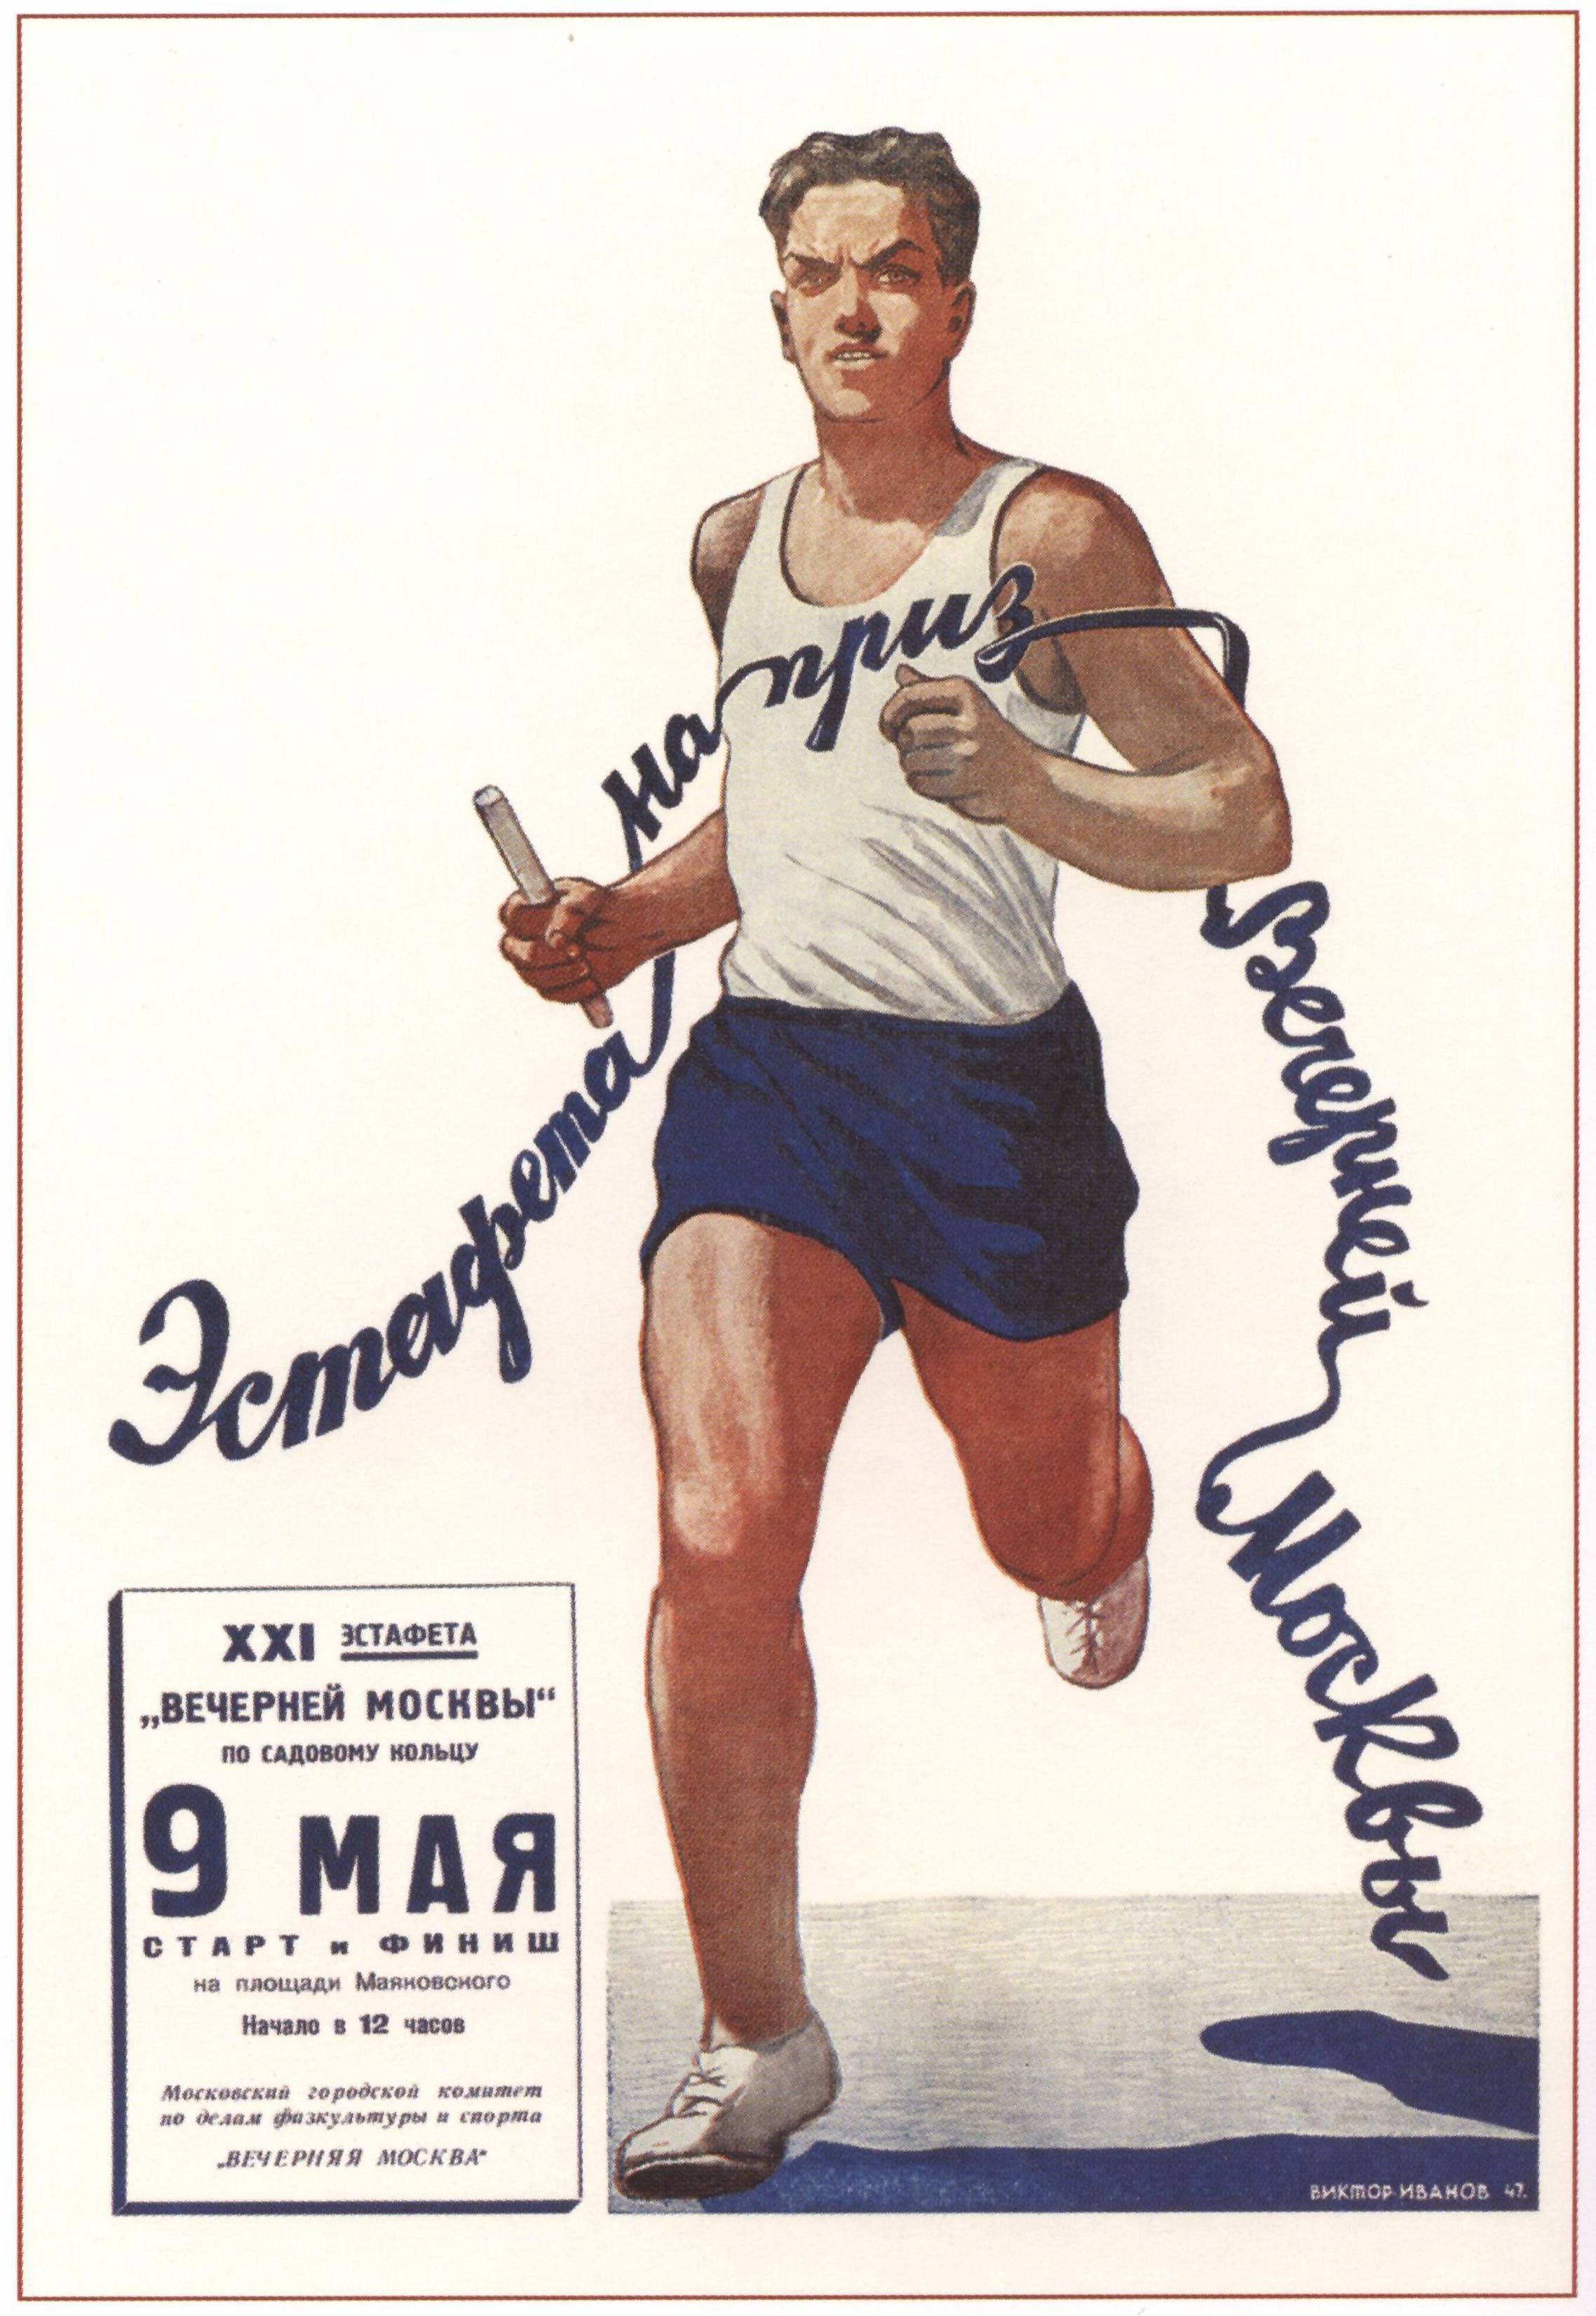 Наташа самая, открытки на спорт тему